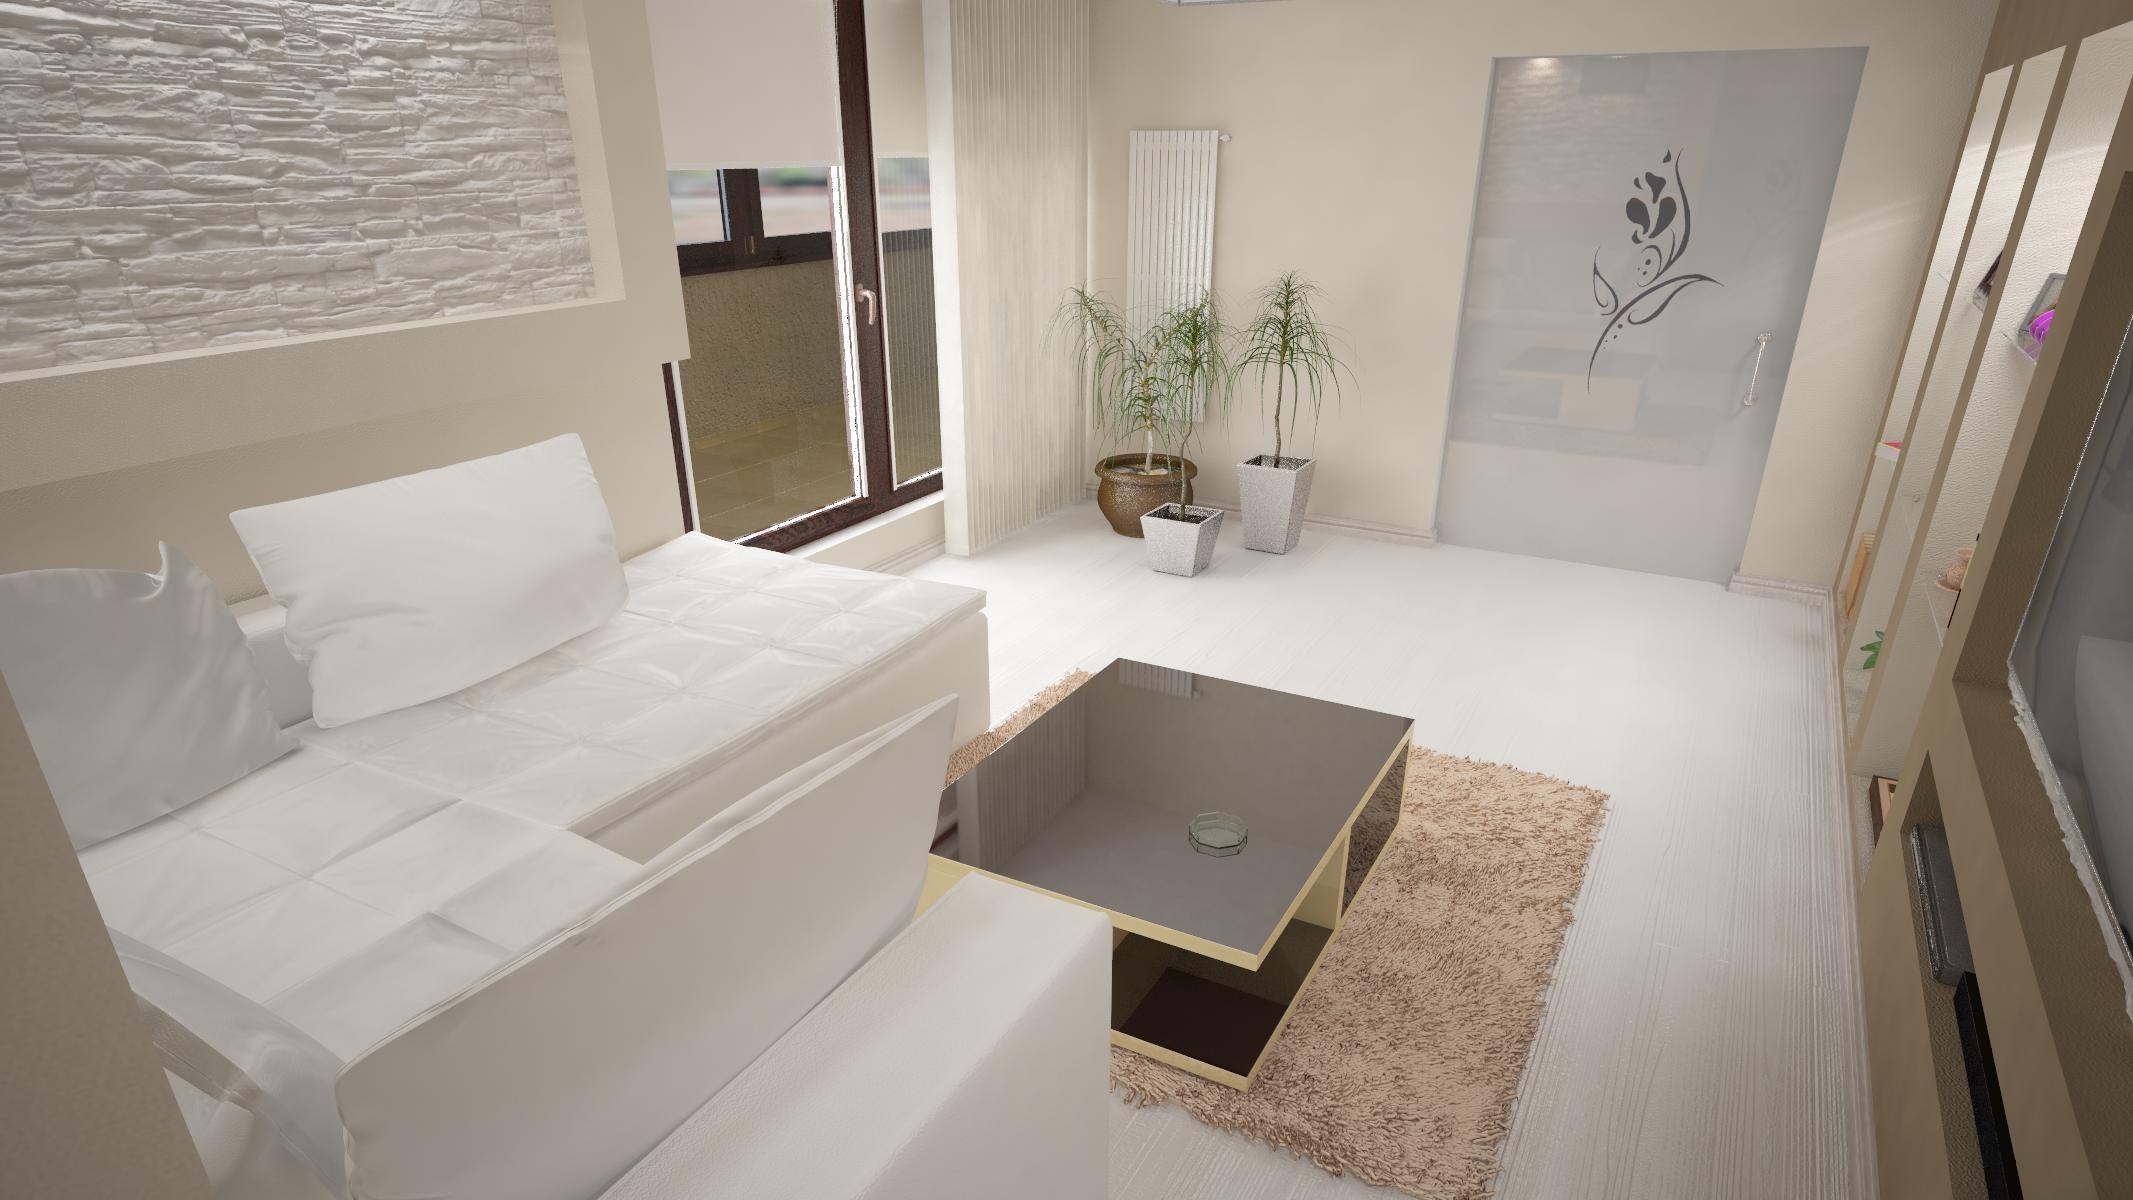 render_apartament_1_v-ray_2_Living_10150.jpg